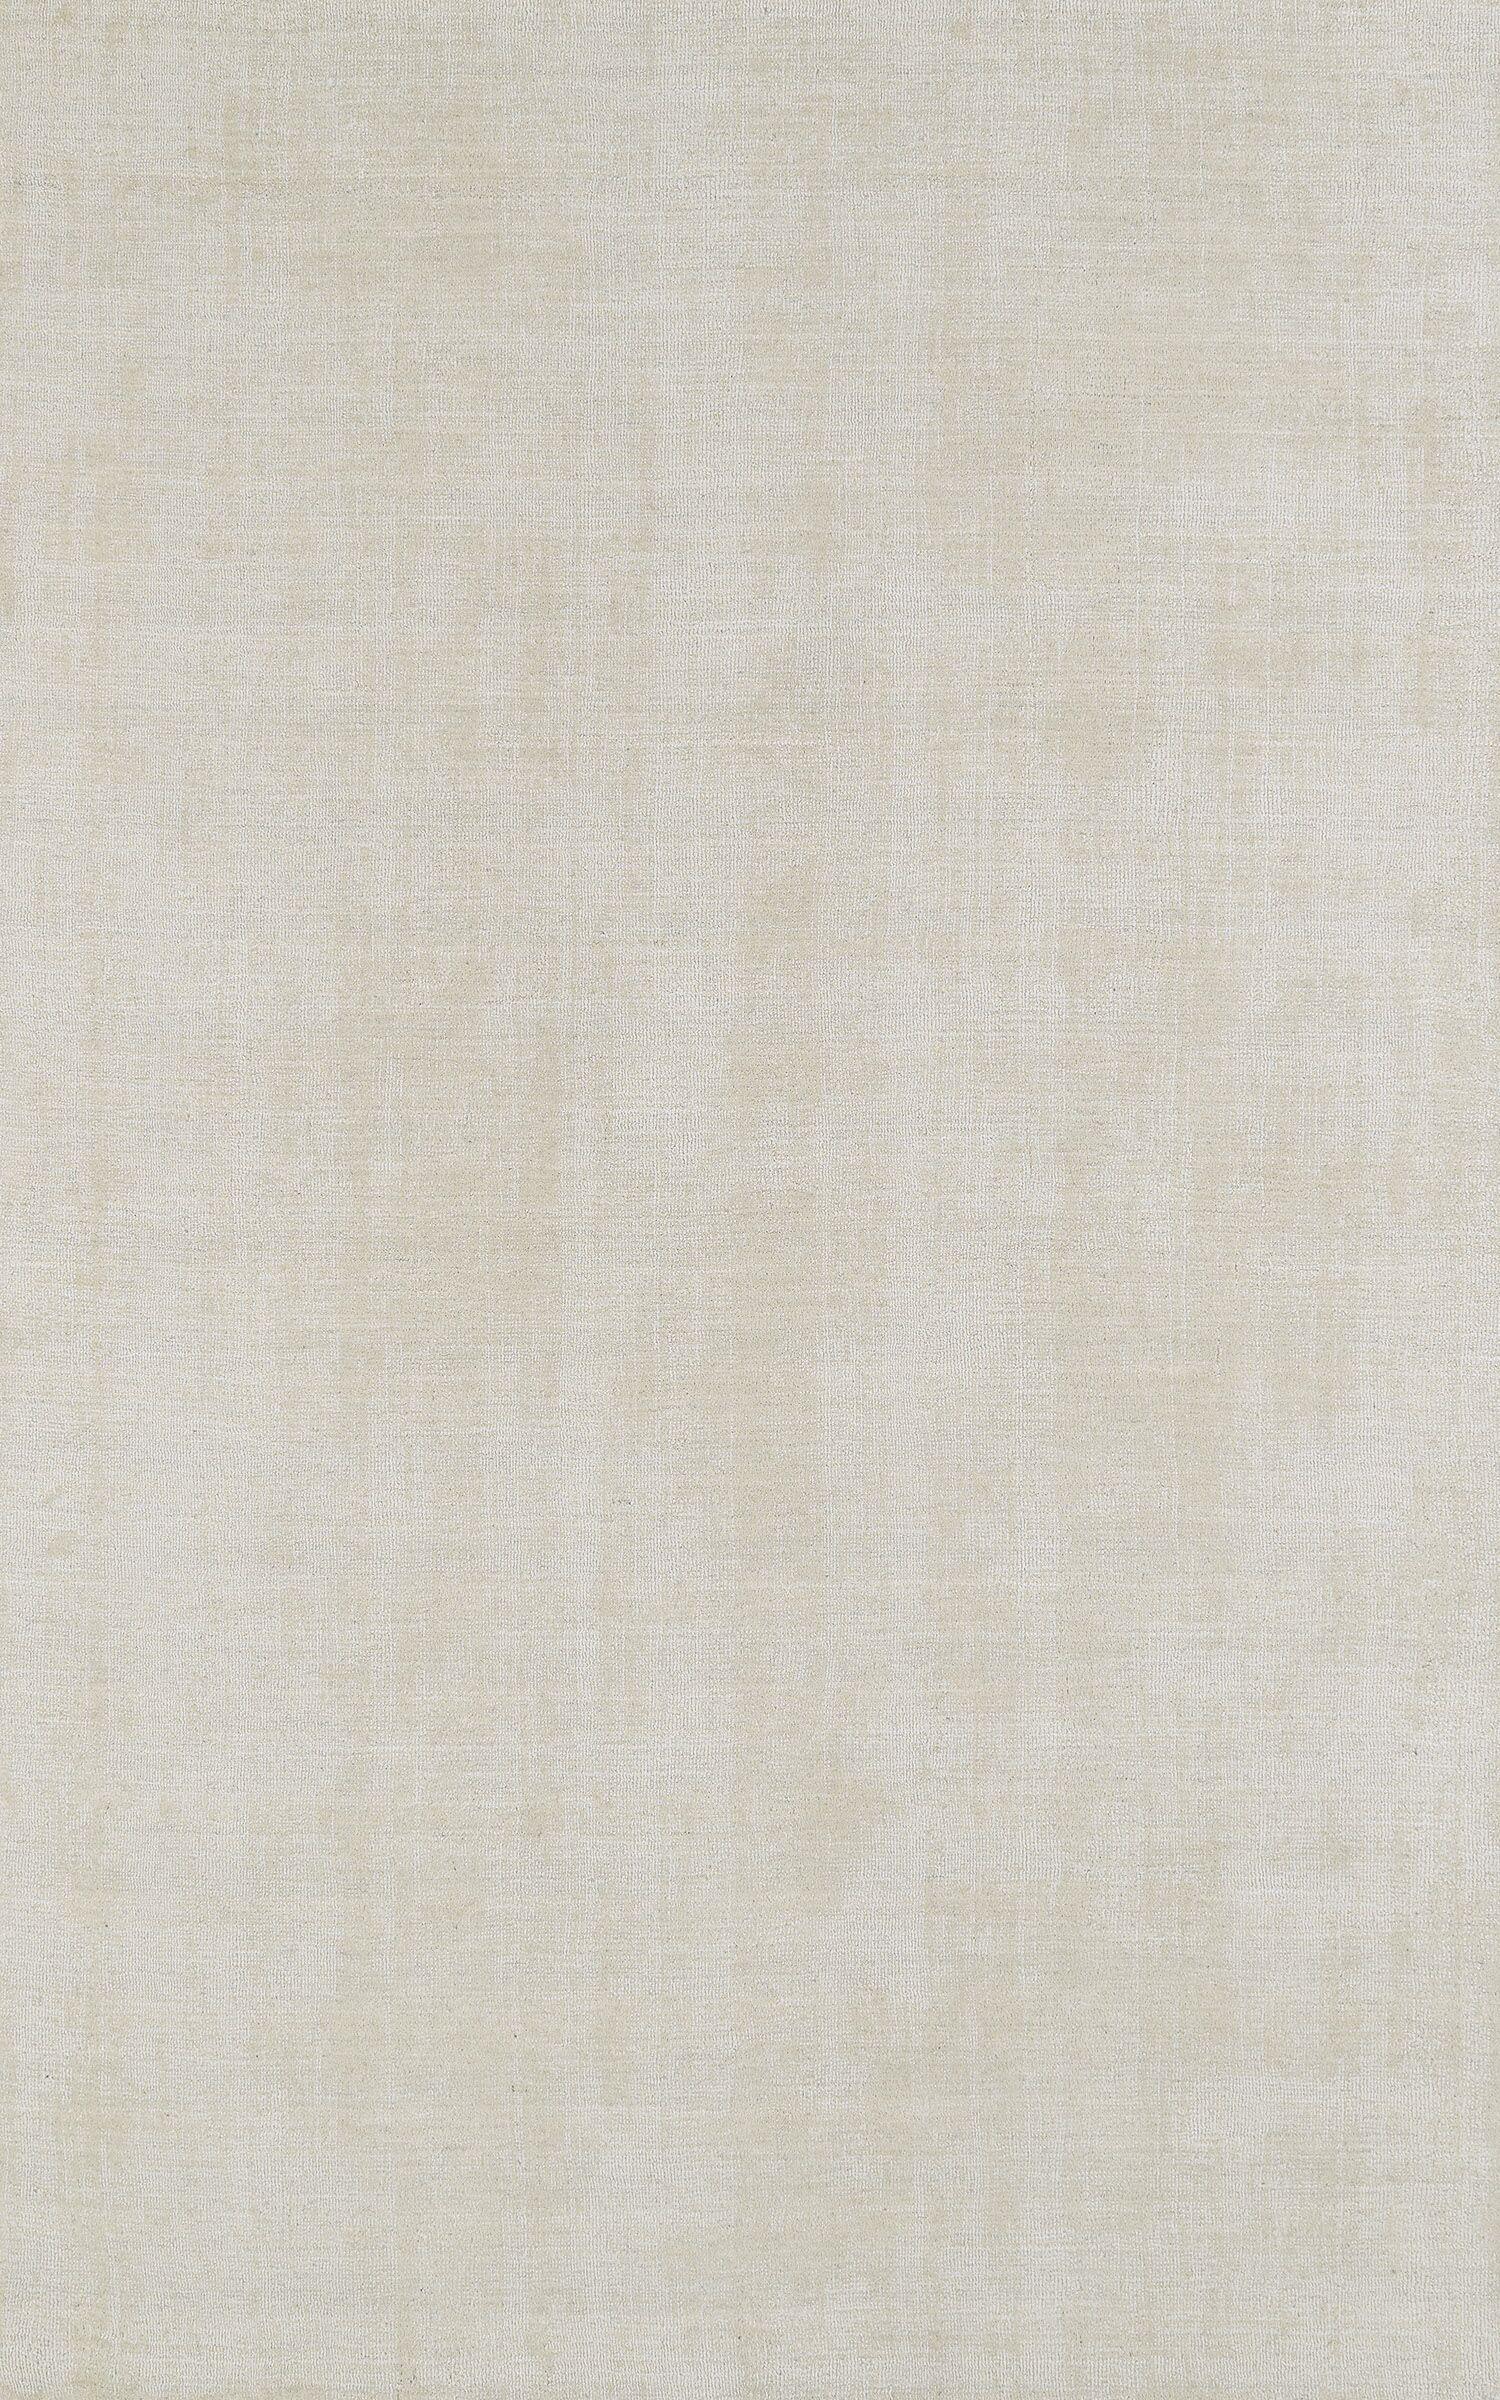 Tasha Ivory Area Rug Rug Size: 3'6